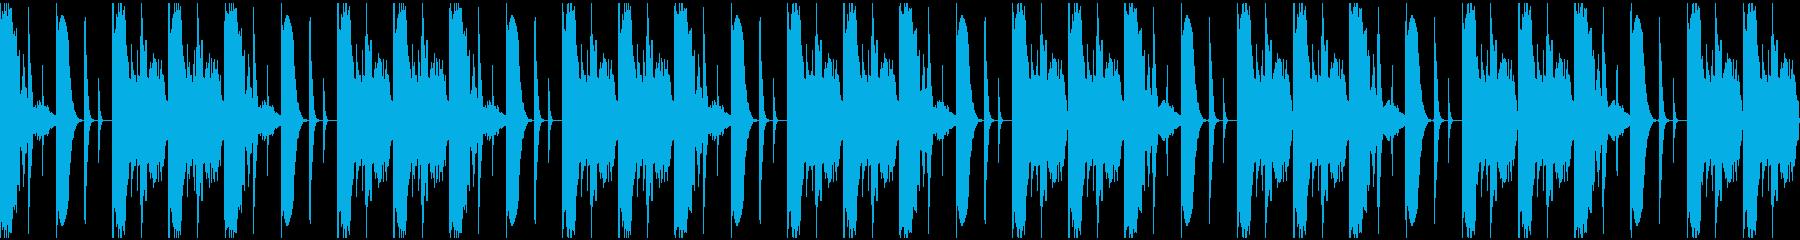 【ミステリアス】不気味ロング1の再生済みの波形